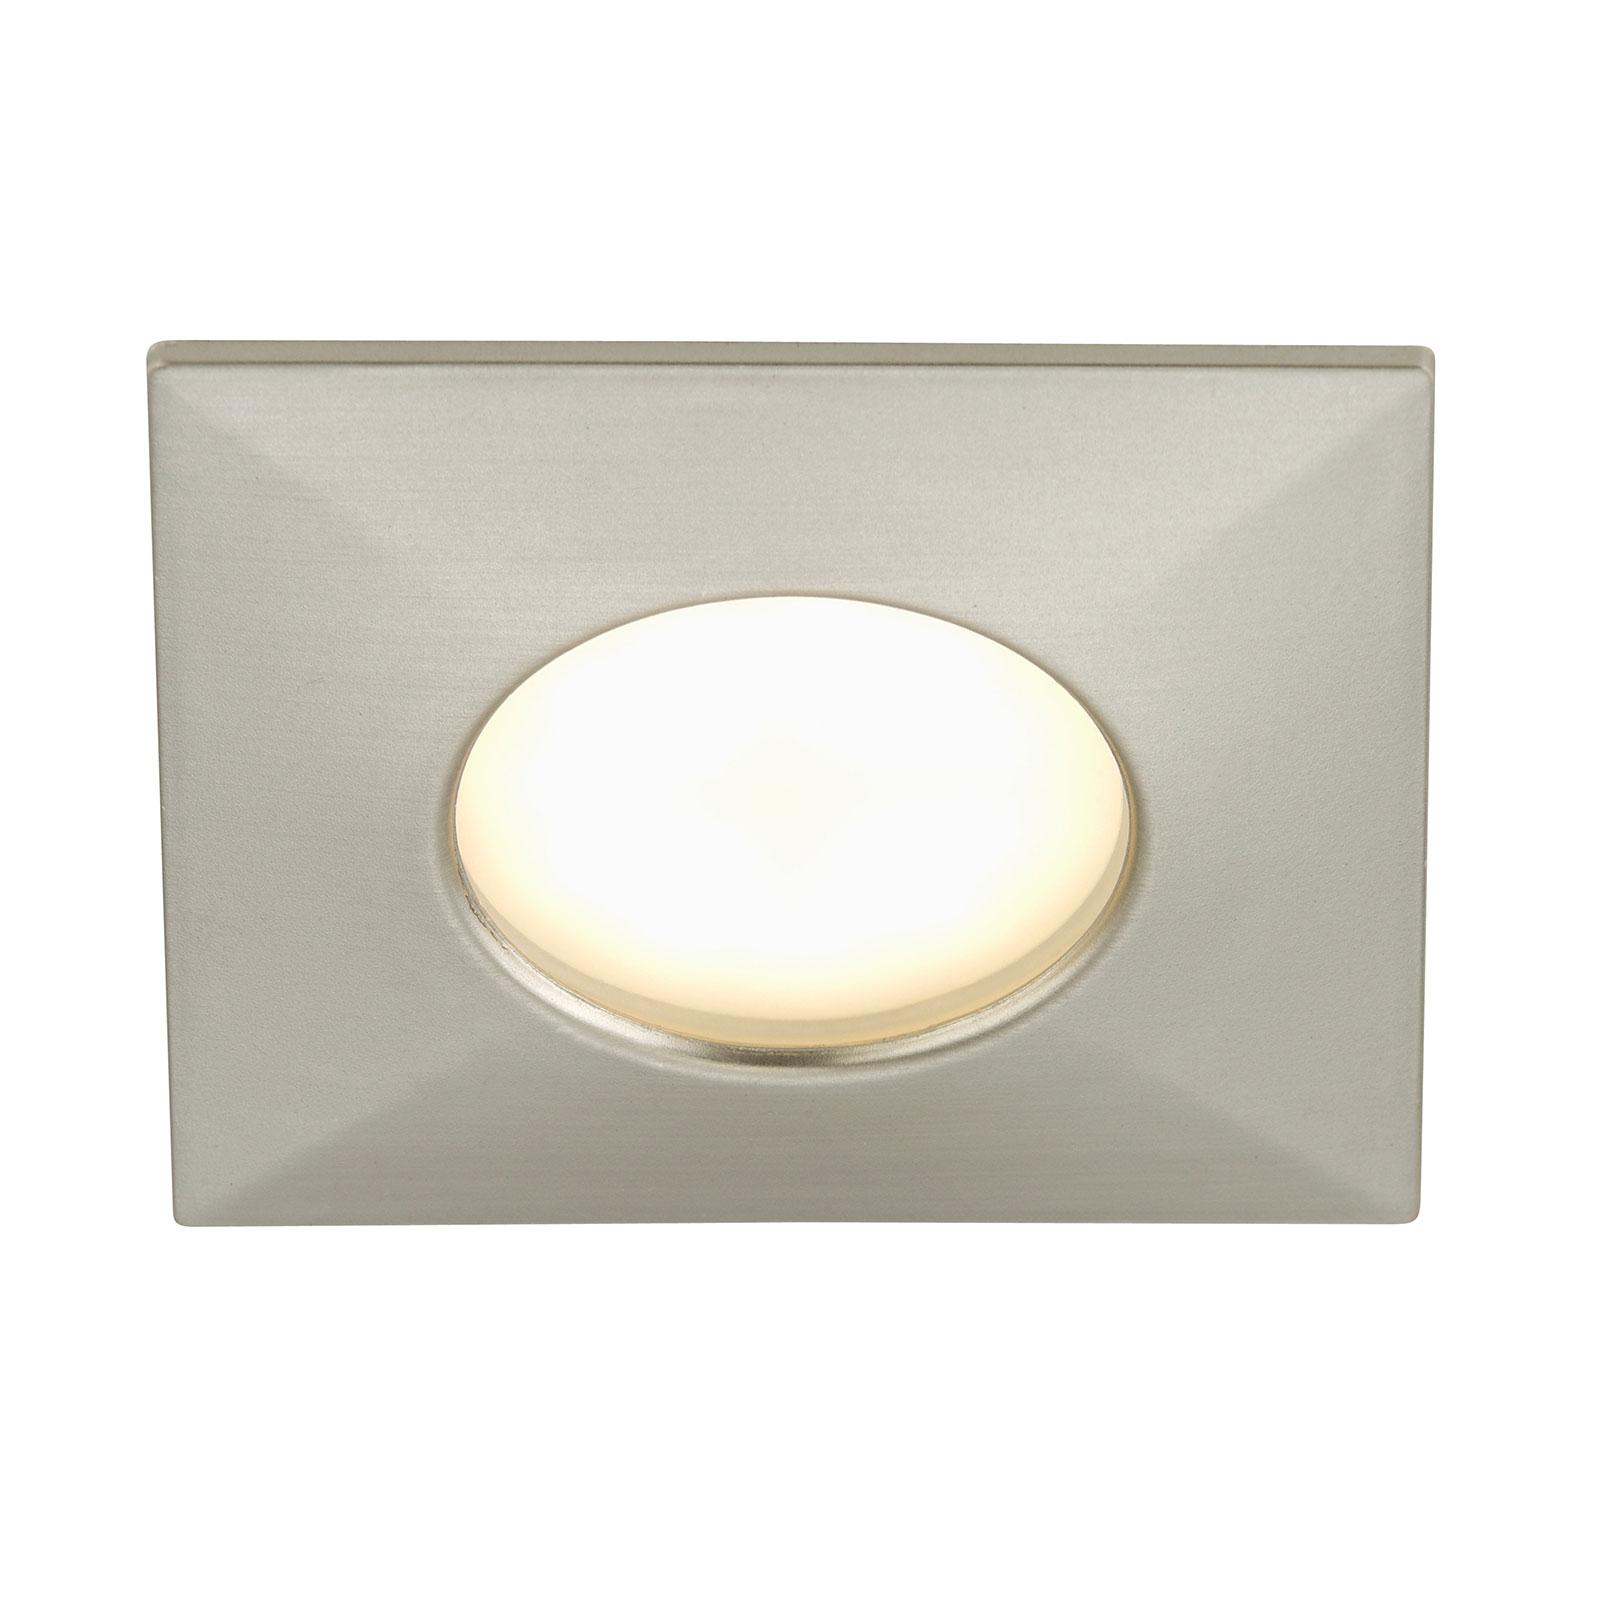 Hoekige LED inbouwlamp Ben voor buiten, mat nikkel